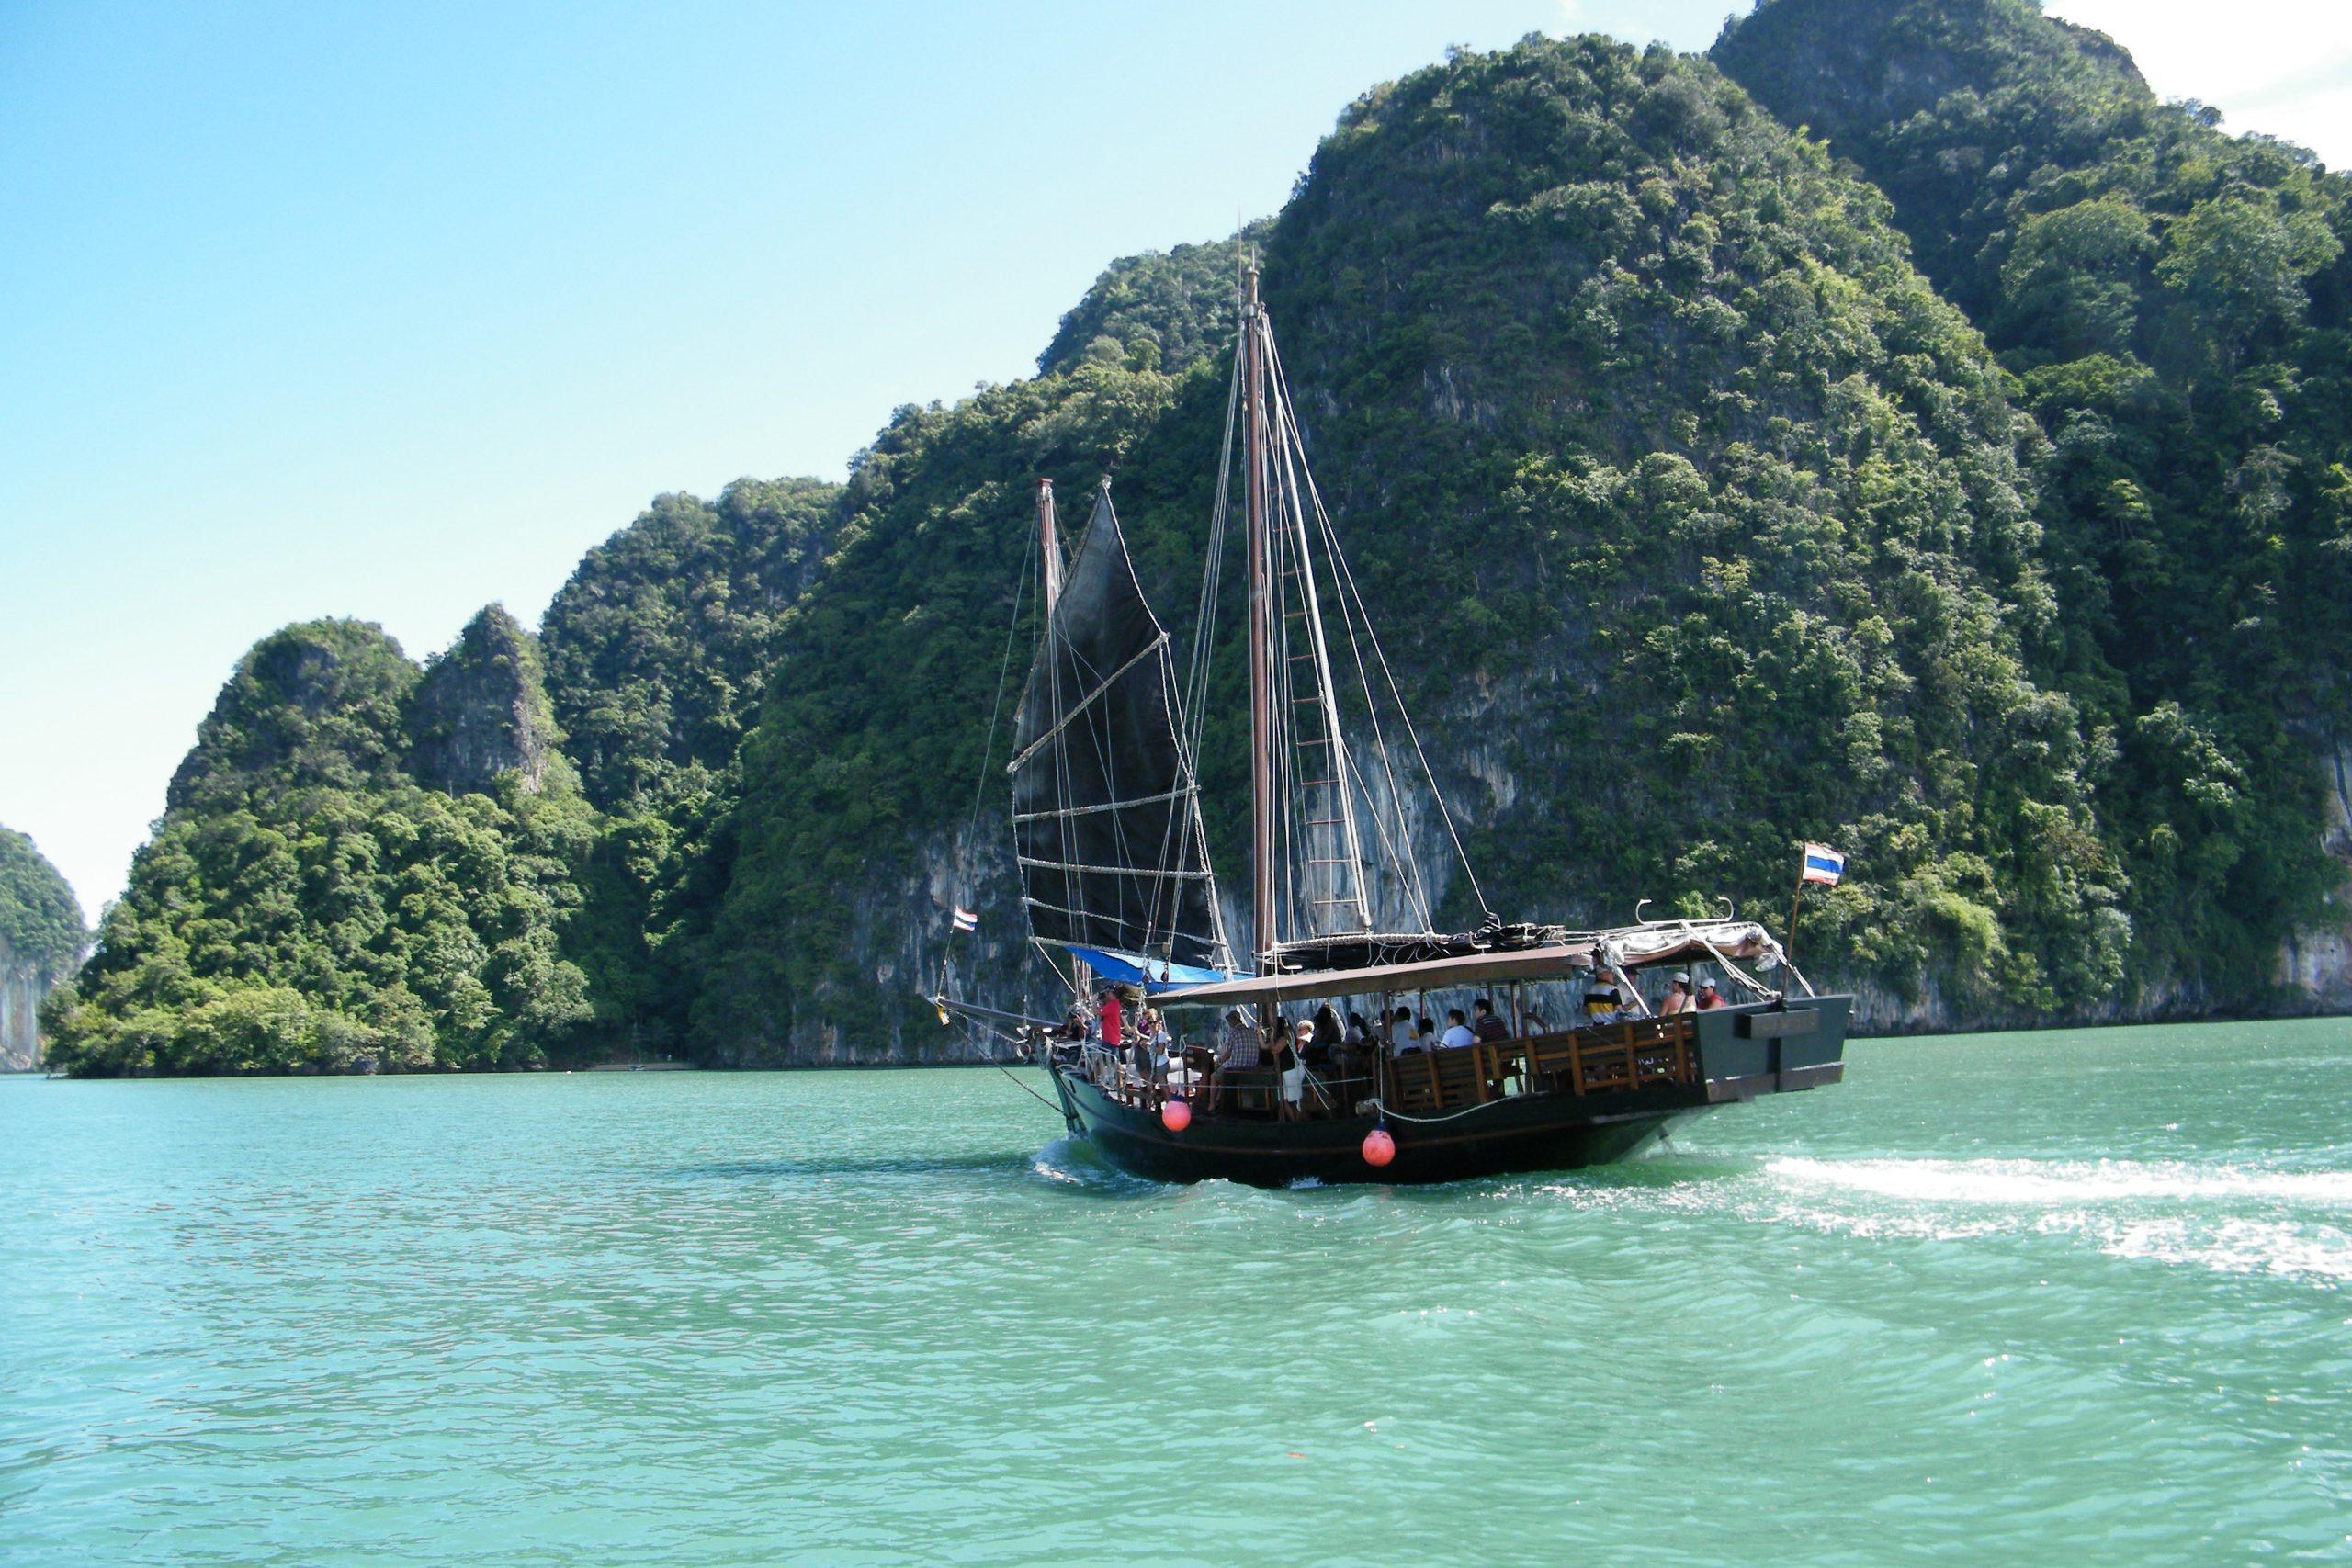 Med samarbejdet og medejerskabet kan gæsterne hos både Top Tours og Sunway-gruppen nu få tilbudt bredere udbud af rejser til navnlig Europa og Asien, for eksempel til Thailand. Her er det i farvandet omkring Phuket. Foto: Henrik Baumgarten.